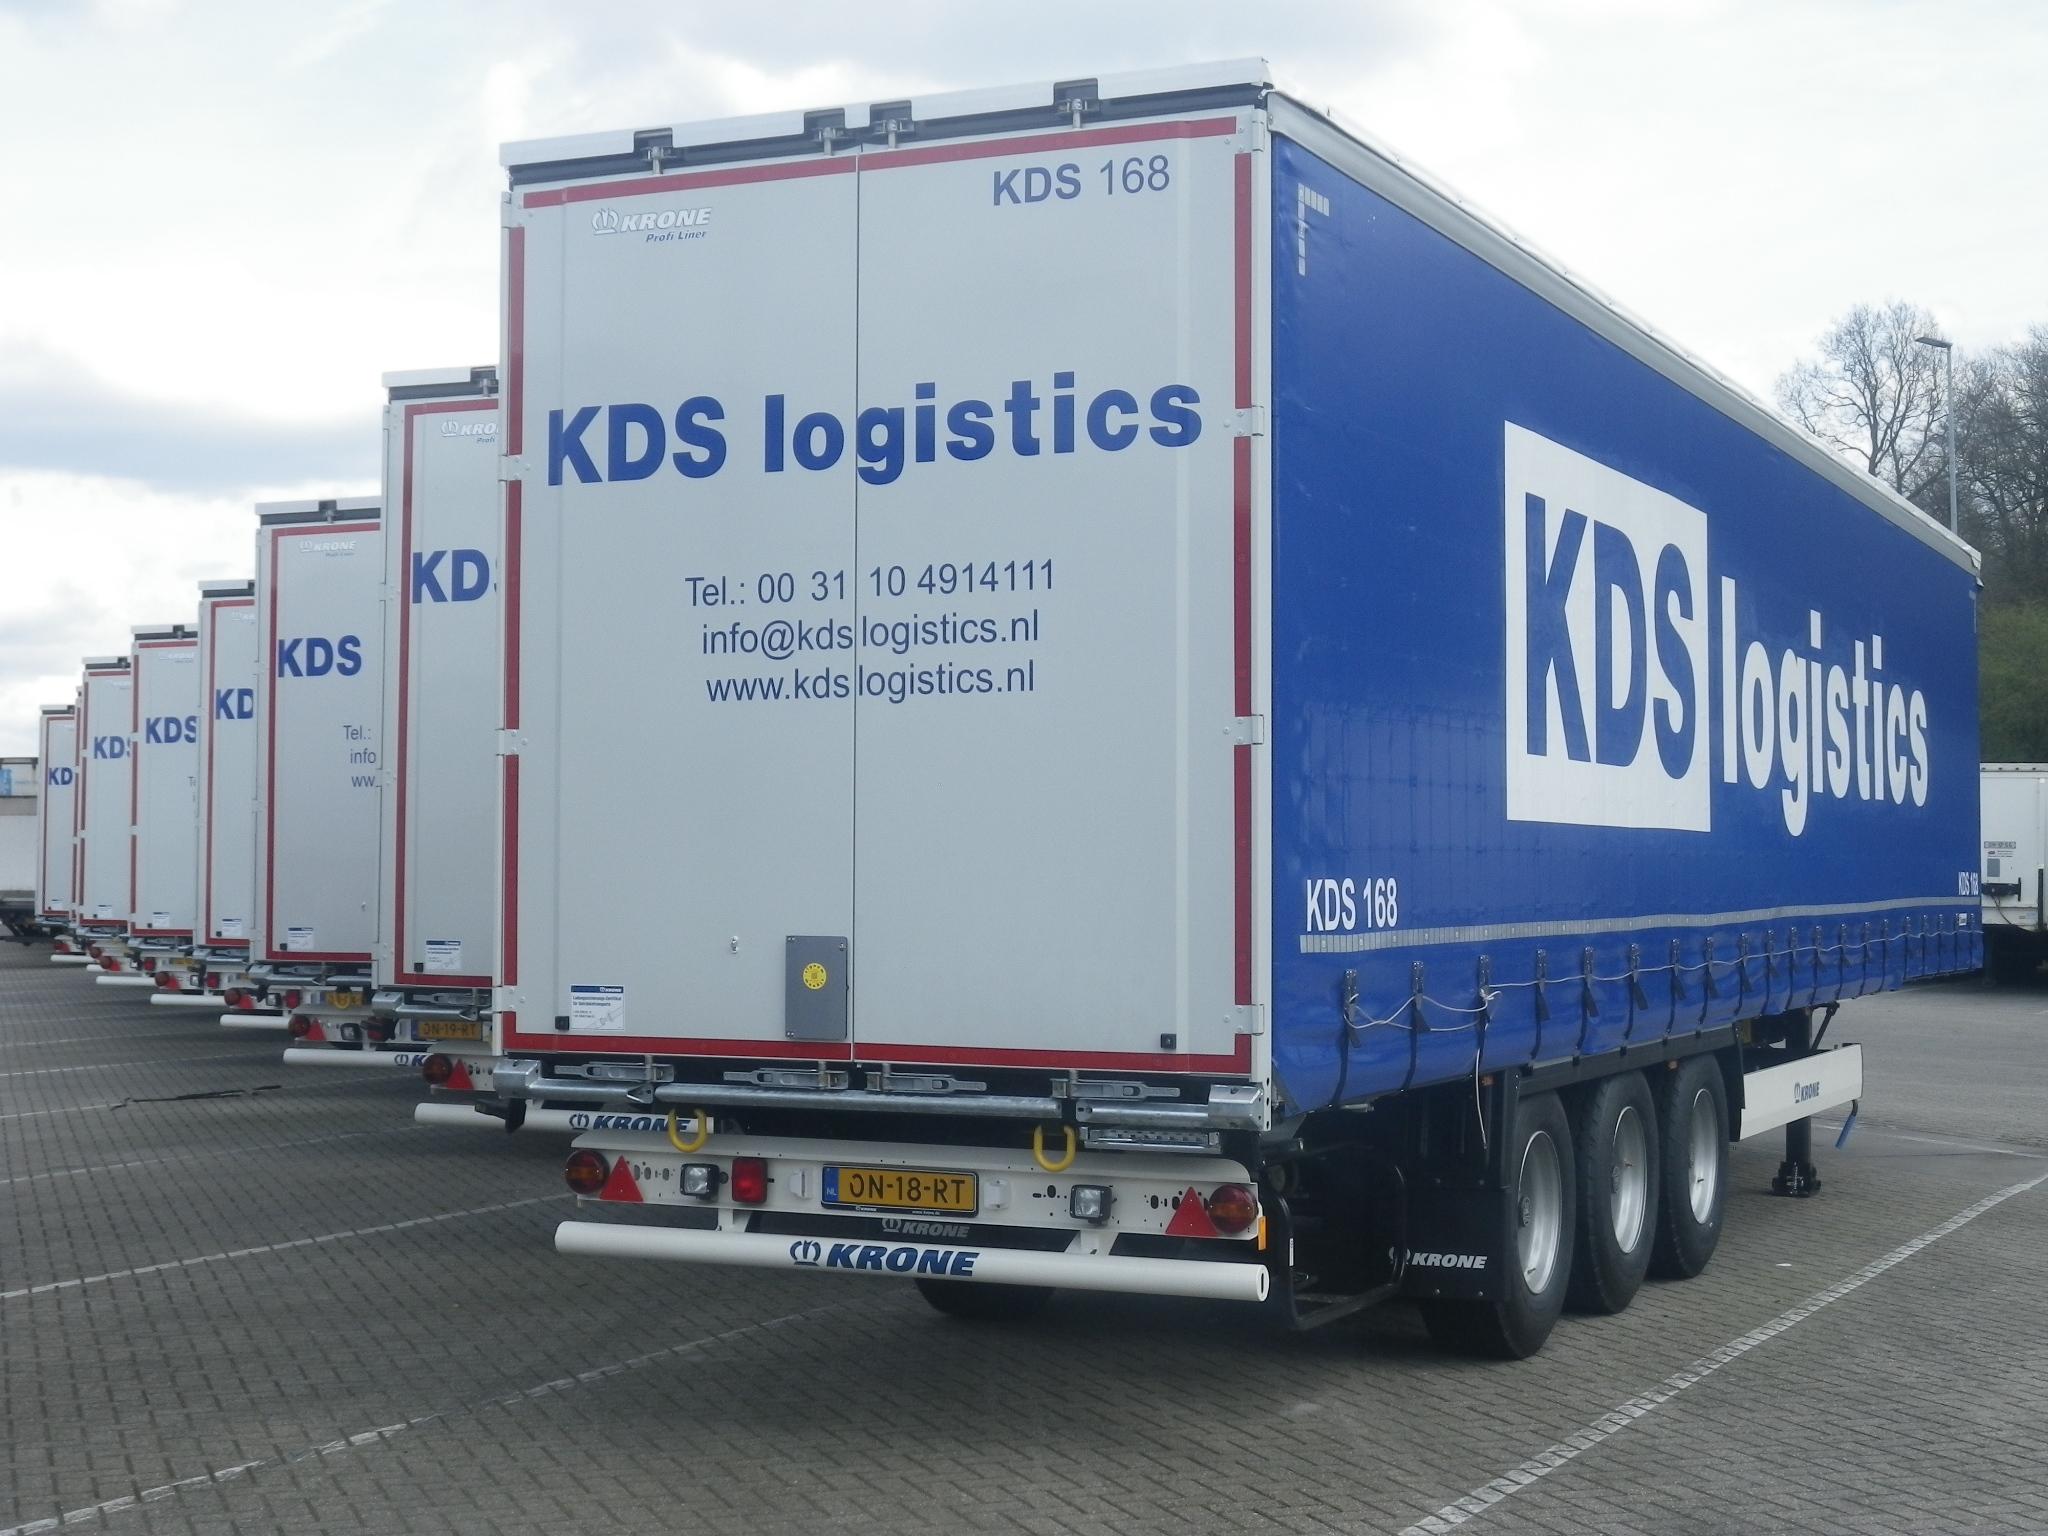 https://www.kdslogistics.nl/wp-content/uploads/2020/08/materieel-2.jpg